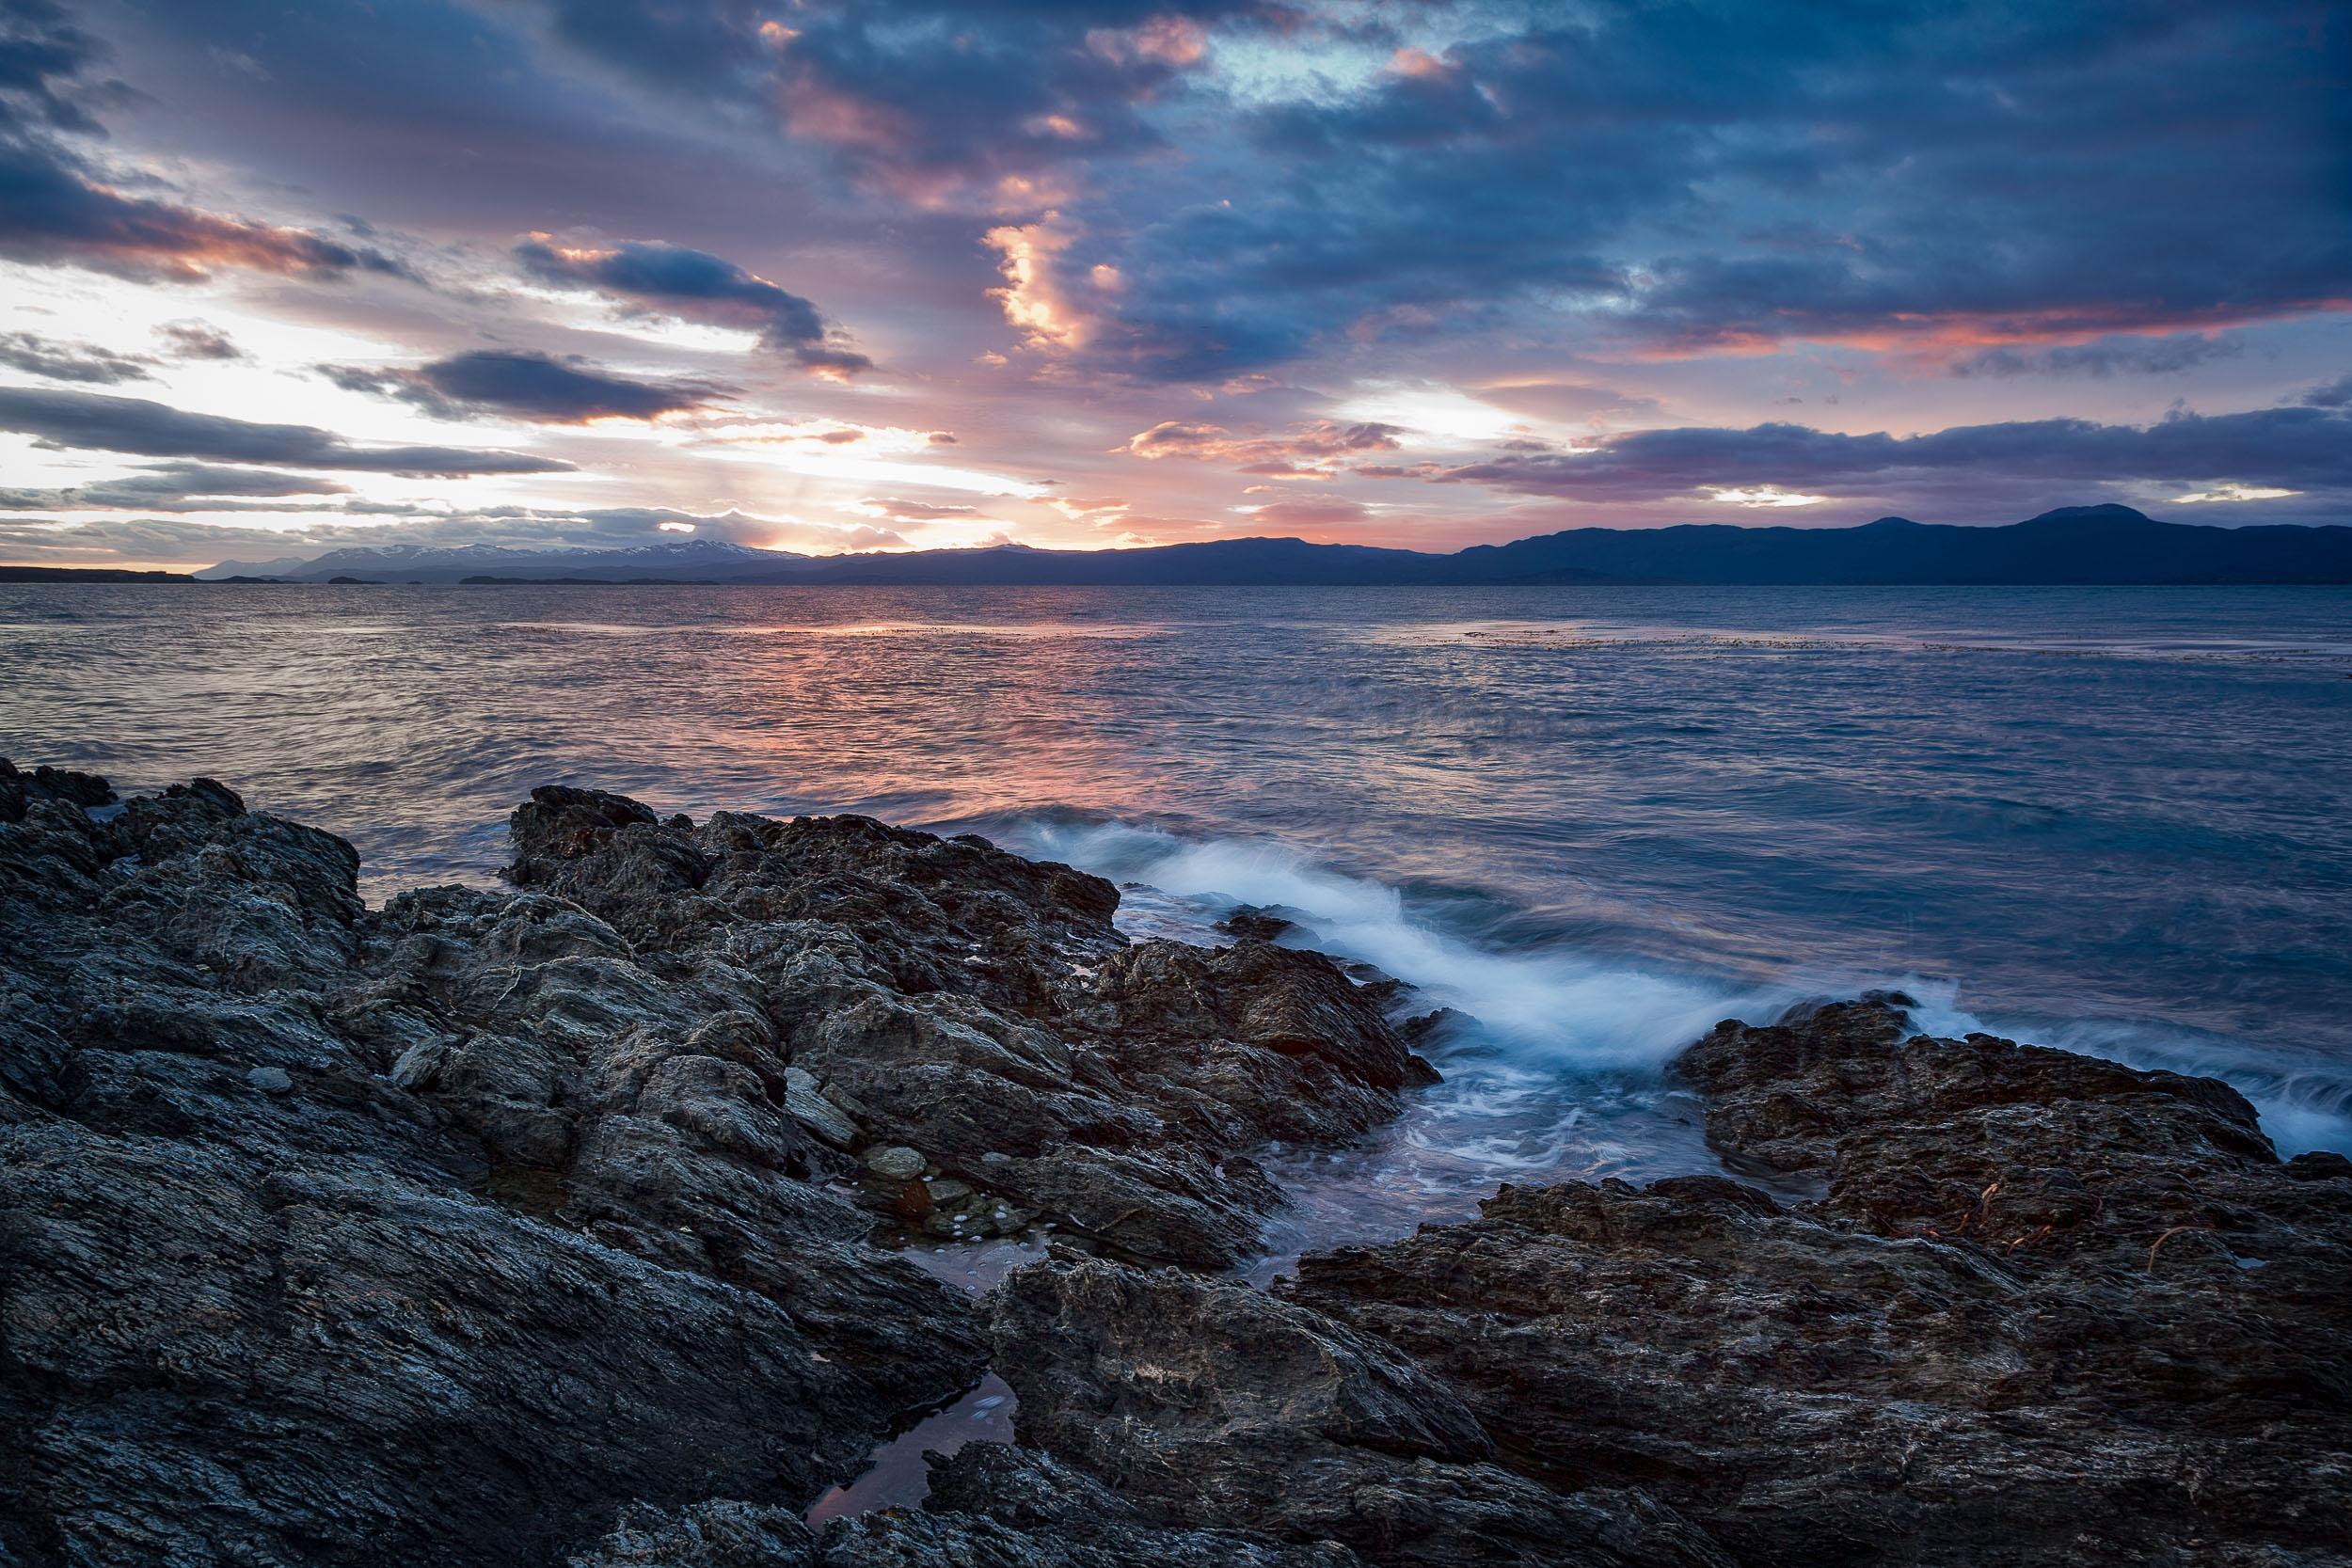 Waves crashing on rocks    at    sunrise    near    Ushuaia    in    Southern Argentina  .